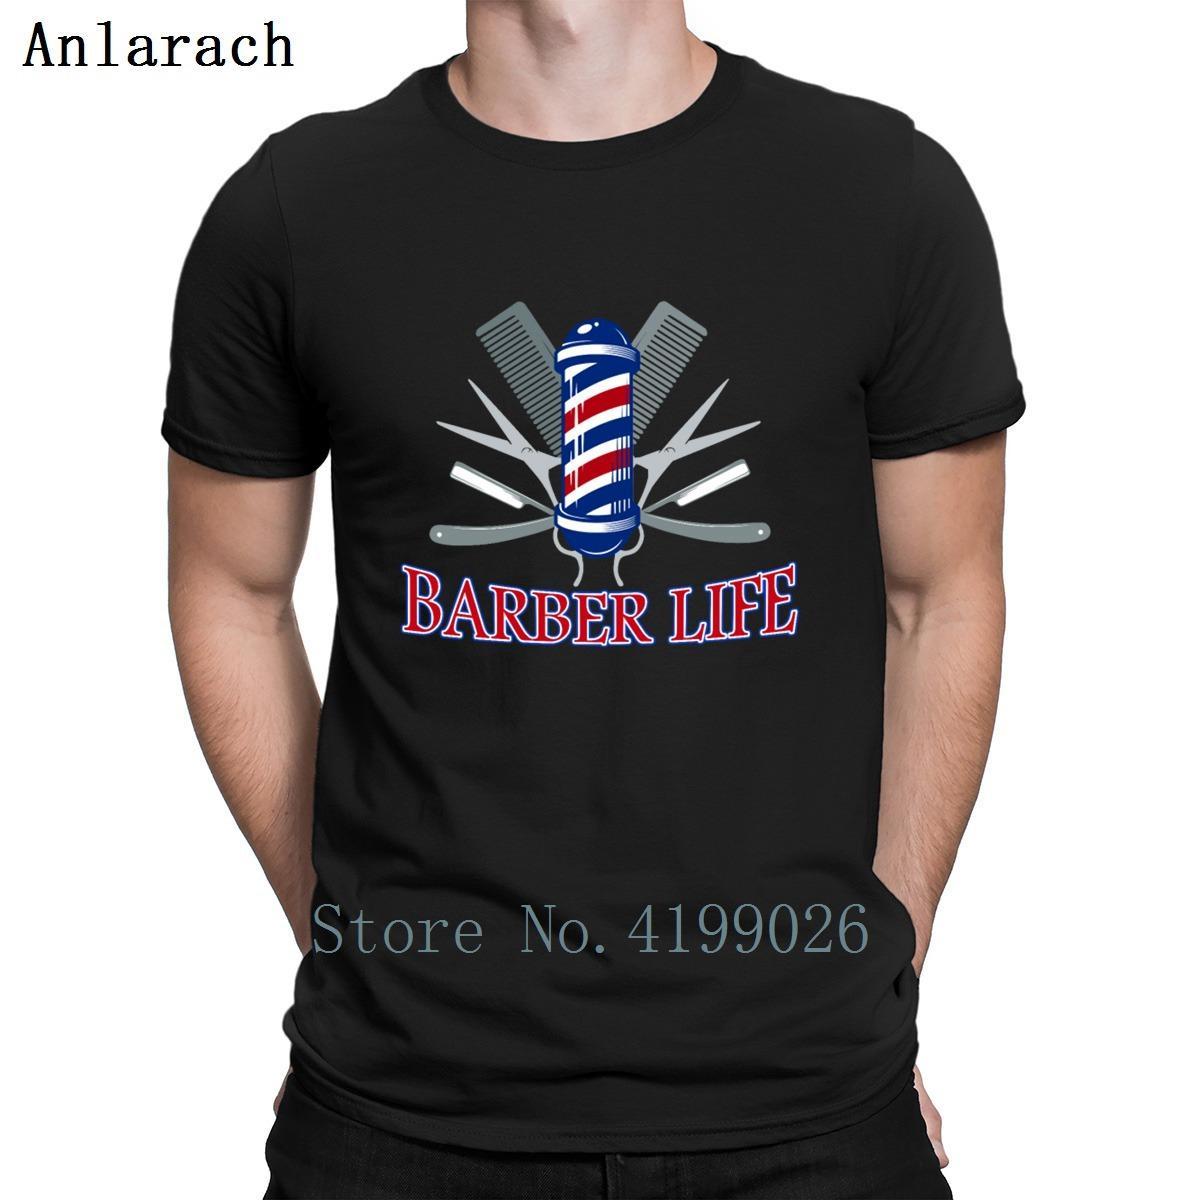 Barber Vida Cabeleireiros barbeiro T shirt legal Homens Fashions presente personalidade engraçada camisetas Top Tee Primavera Outono mais novo